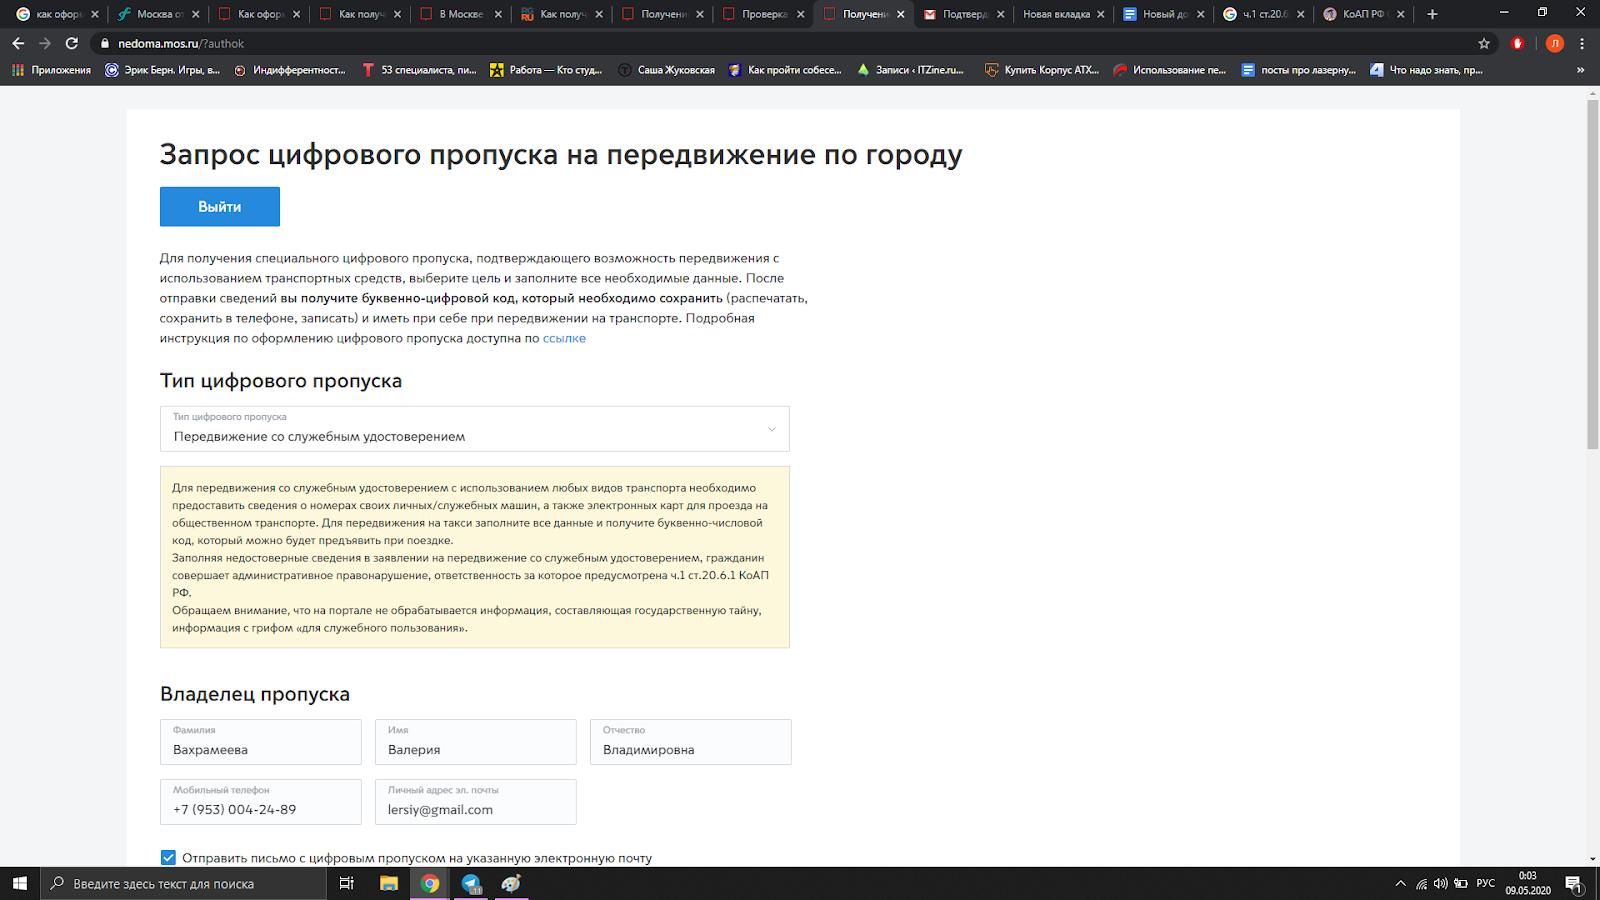 Инструкция. Как оформить цифровой пропуск в Москве. Все способы (59HfApiXFq5T4dh93kTQIVe6gKcbXWrs4vHapmvARHwrVGTfa7iBDRonih wF1y3JJCljO NsVlxFRijeSt06yzK4cQZb)